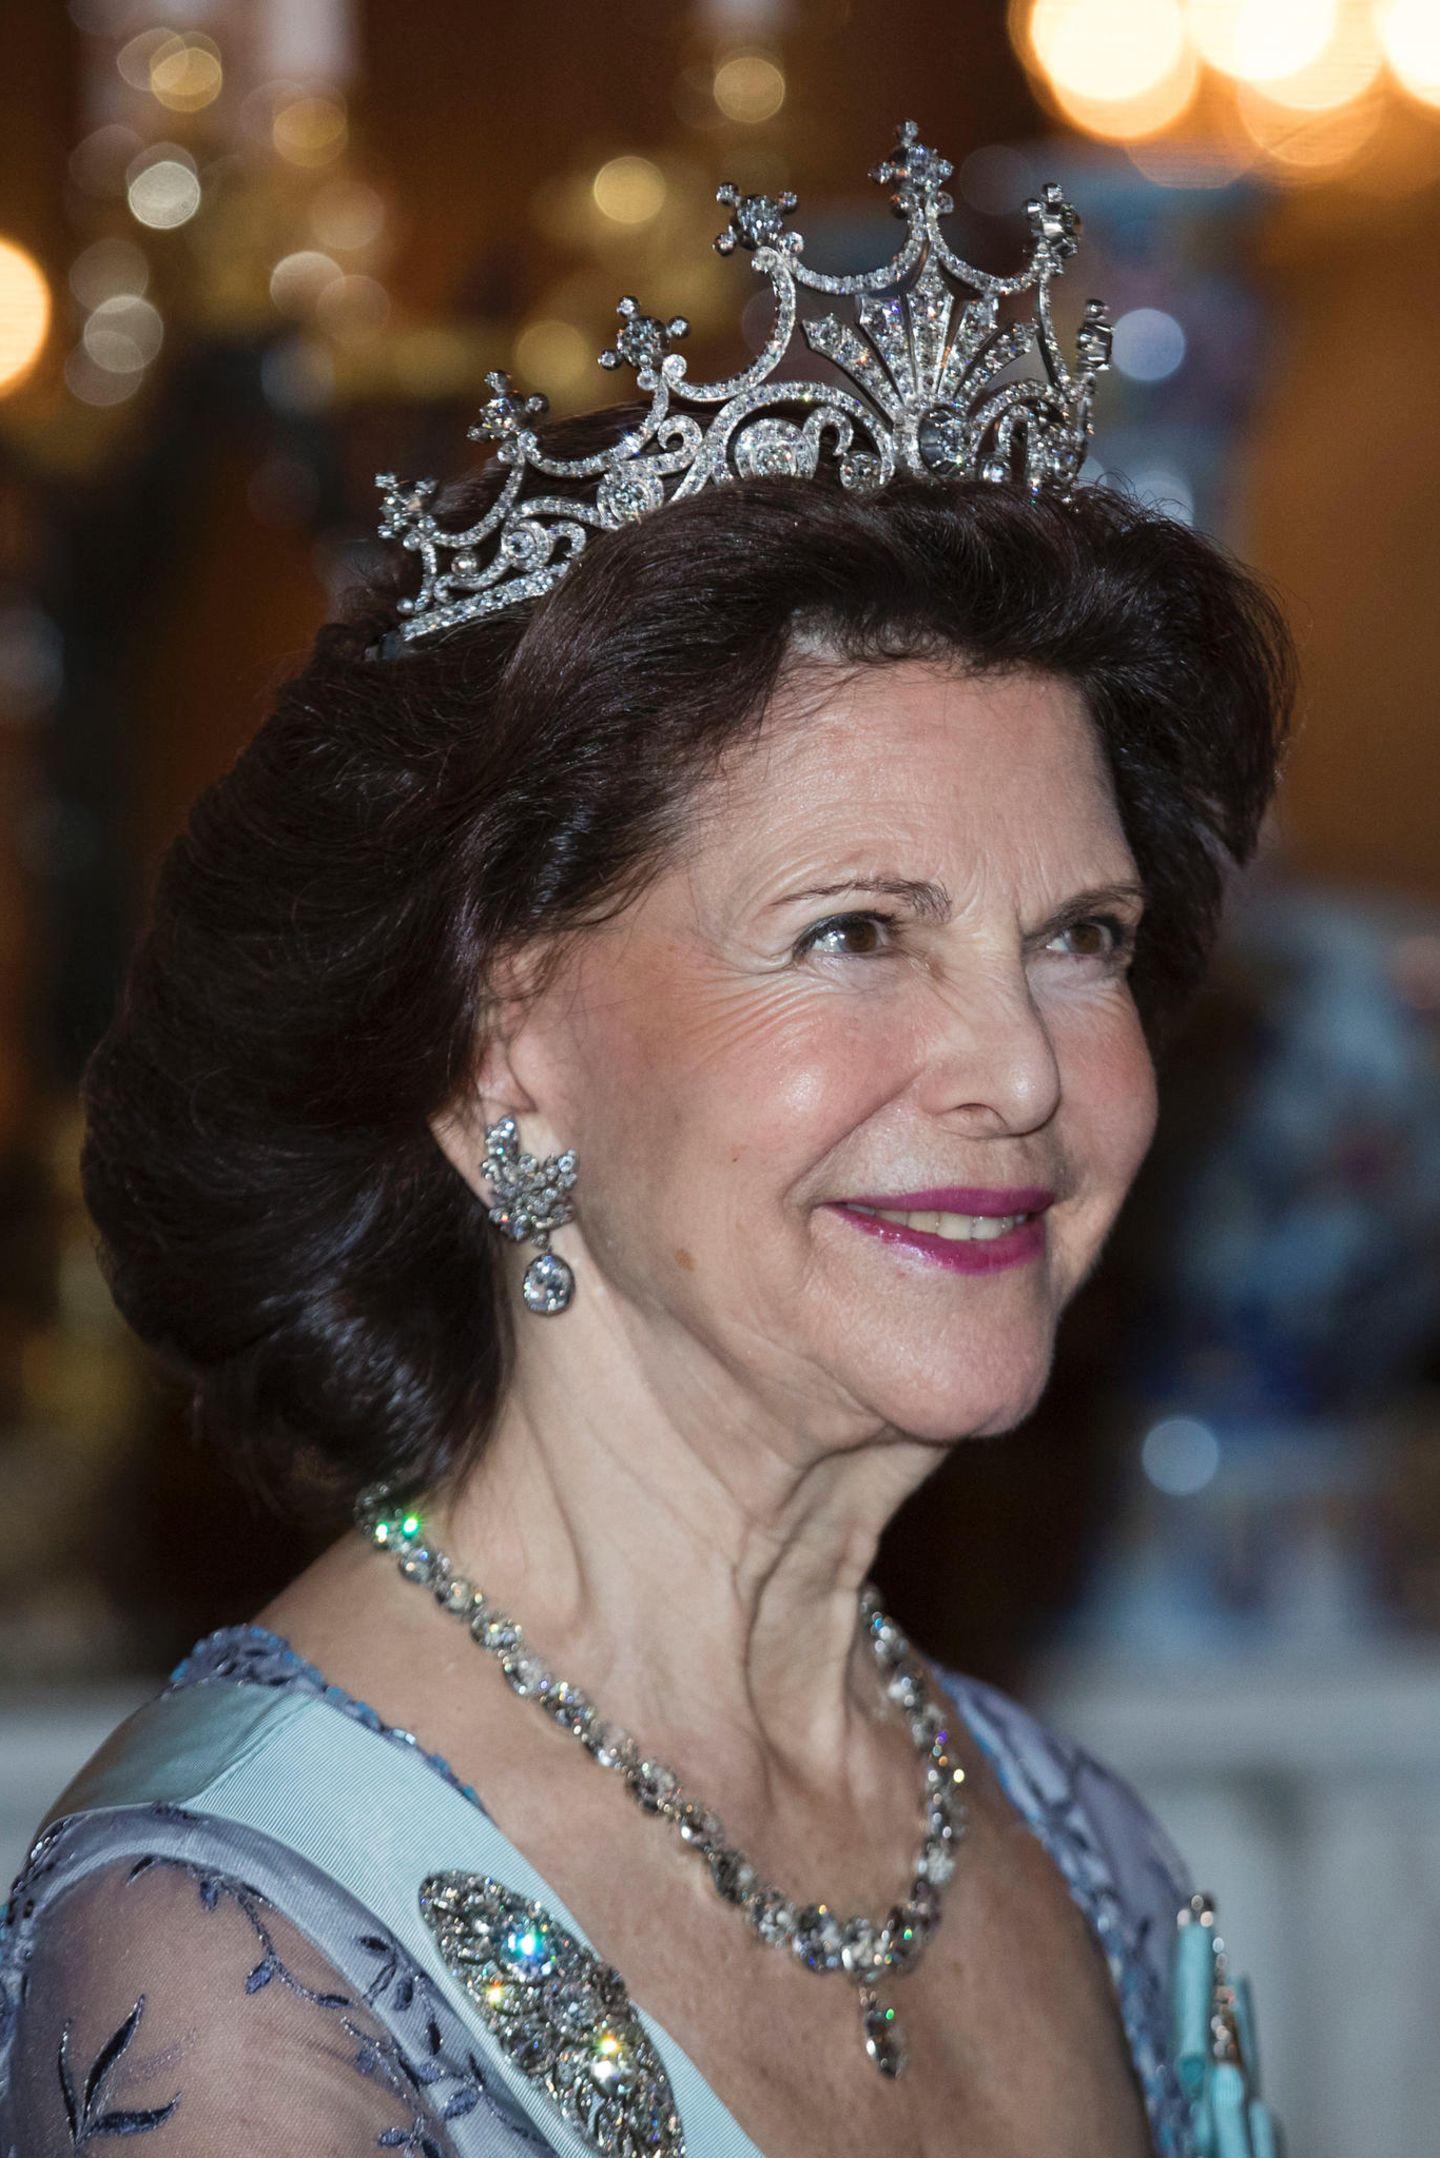 Königin Silvia hat sich, ebenso wie ihre Tochter Madeleine, für ein Diadem entscheiden, das man häufig bei ihr sieht. Mehr als 500 Diamanten bilden bei dem Schmuckstück neun Zacken, die wie Sonnenstrahlen wirken und eine beachtliche Höhe haben.